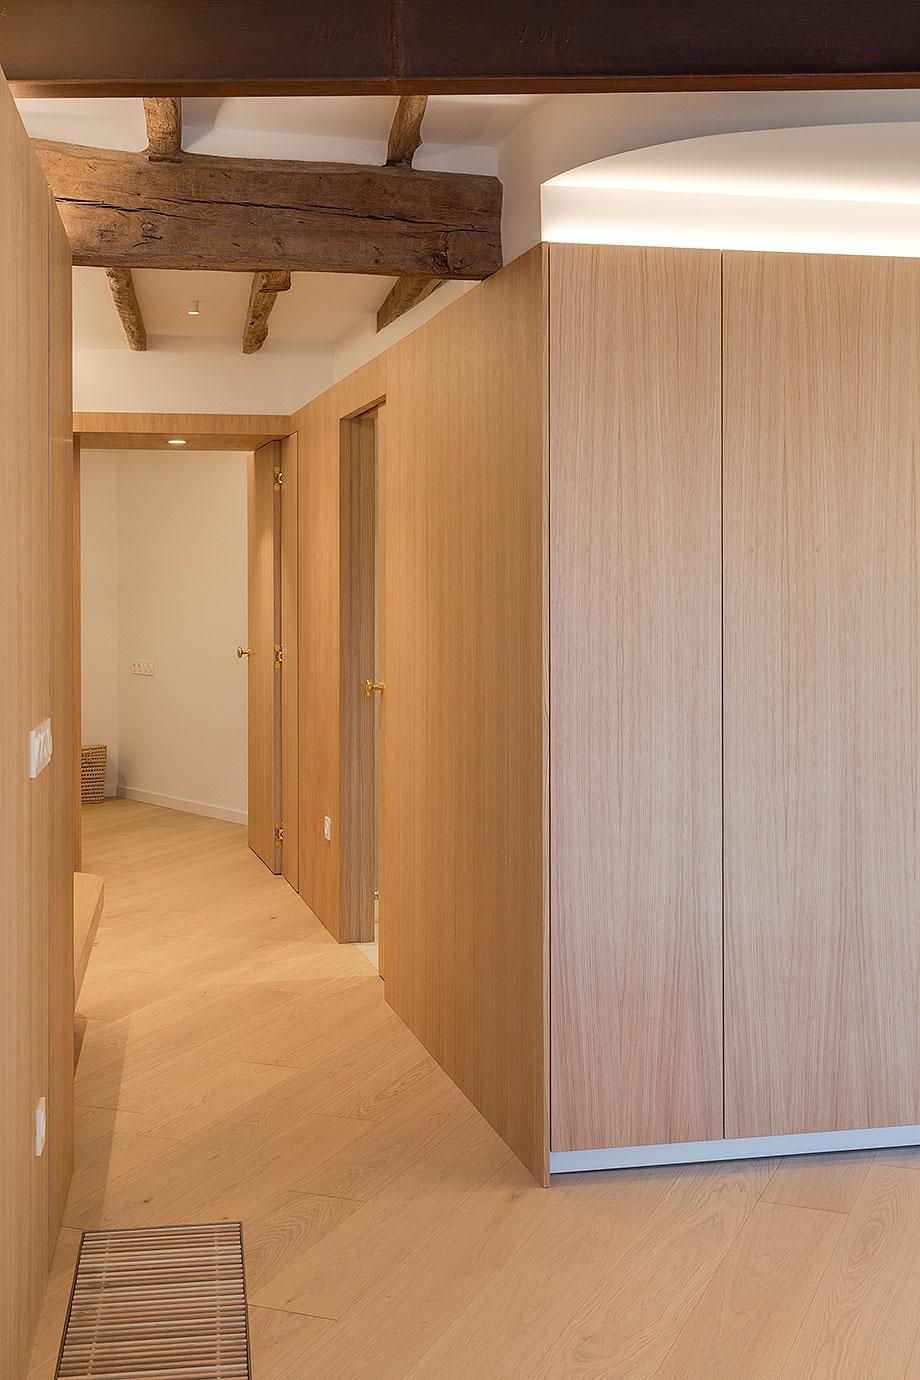 casa kaia de amaia arana arkitektura (5) - foto iñaki guridi de mitiko estudio